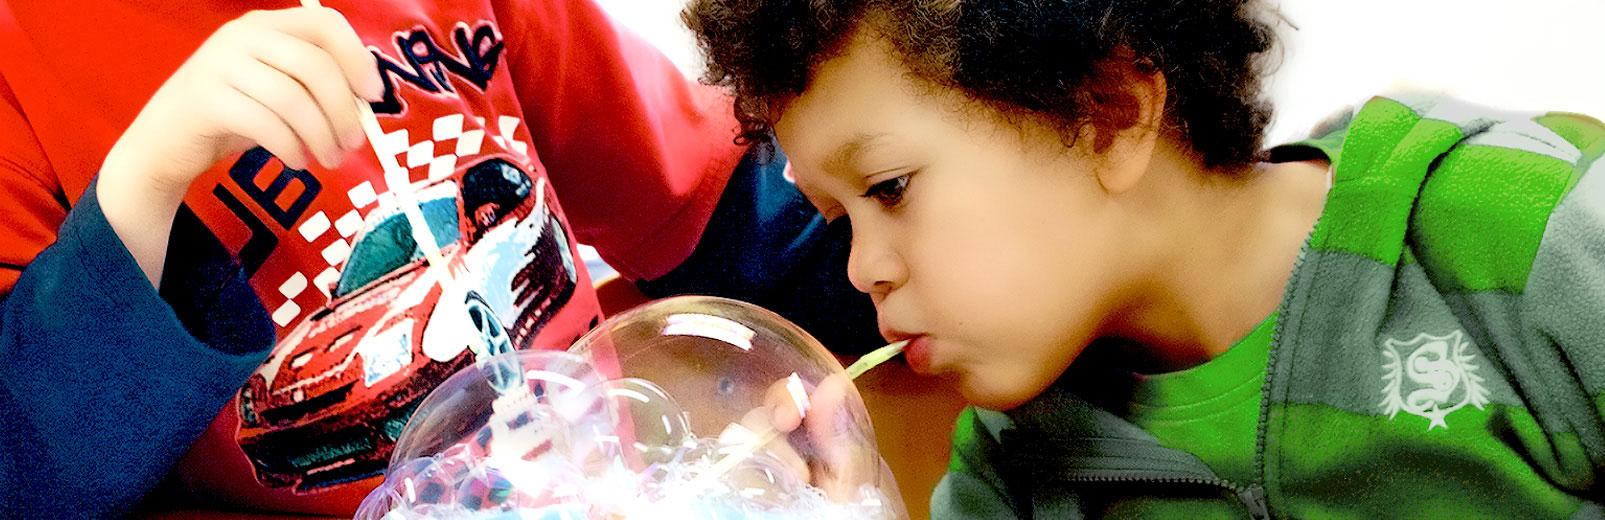 Junge beim Experimentieren mit Seifenblasen